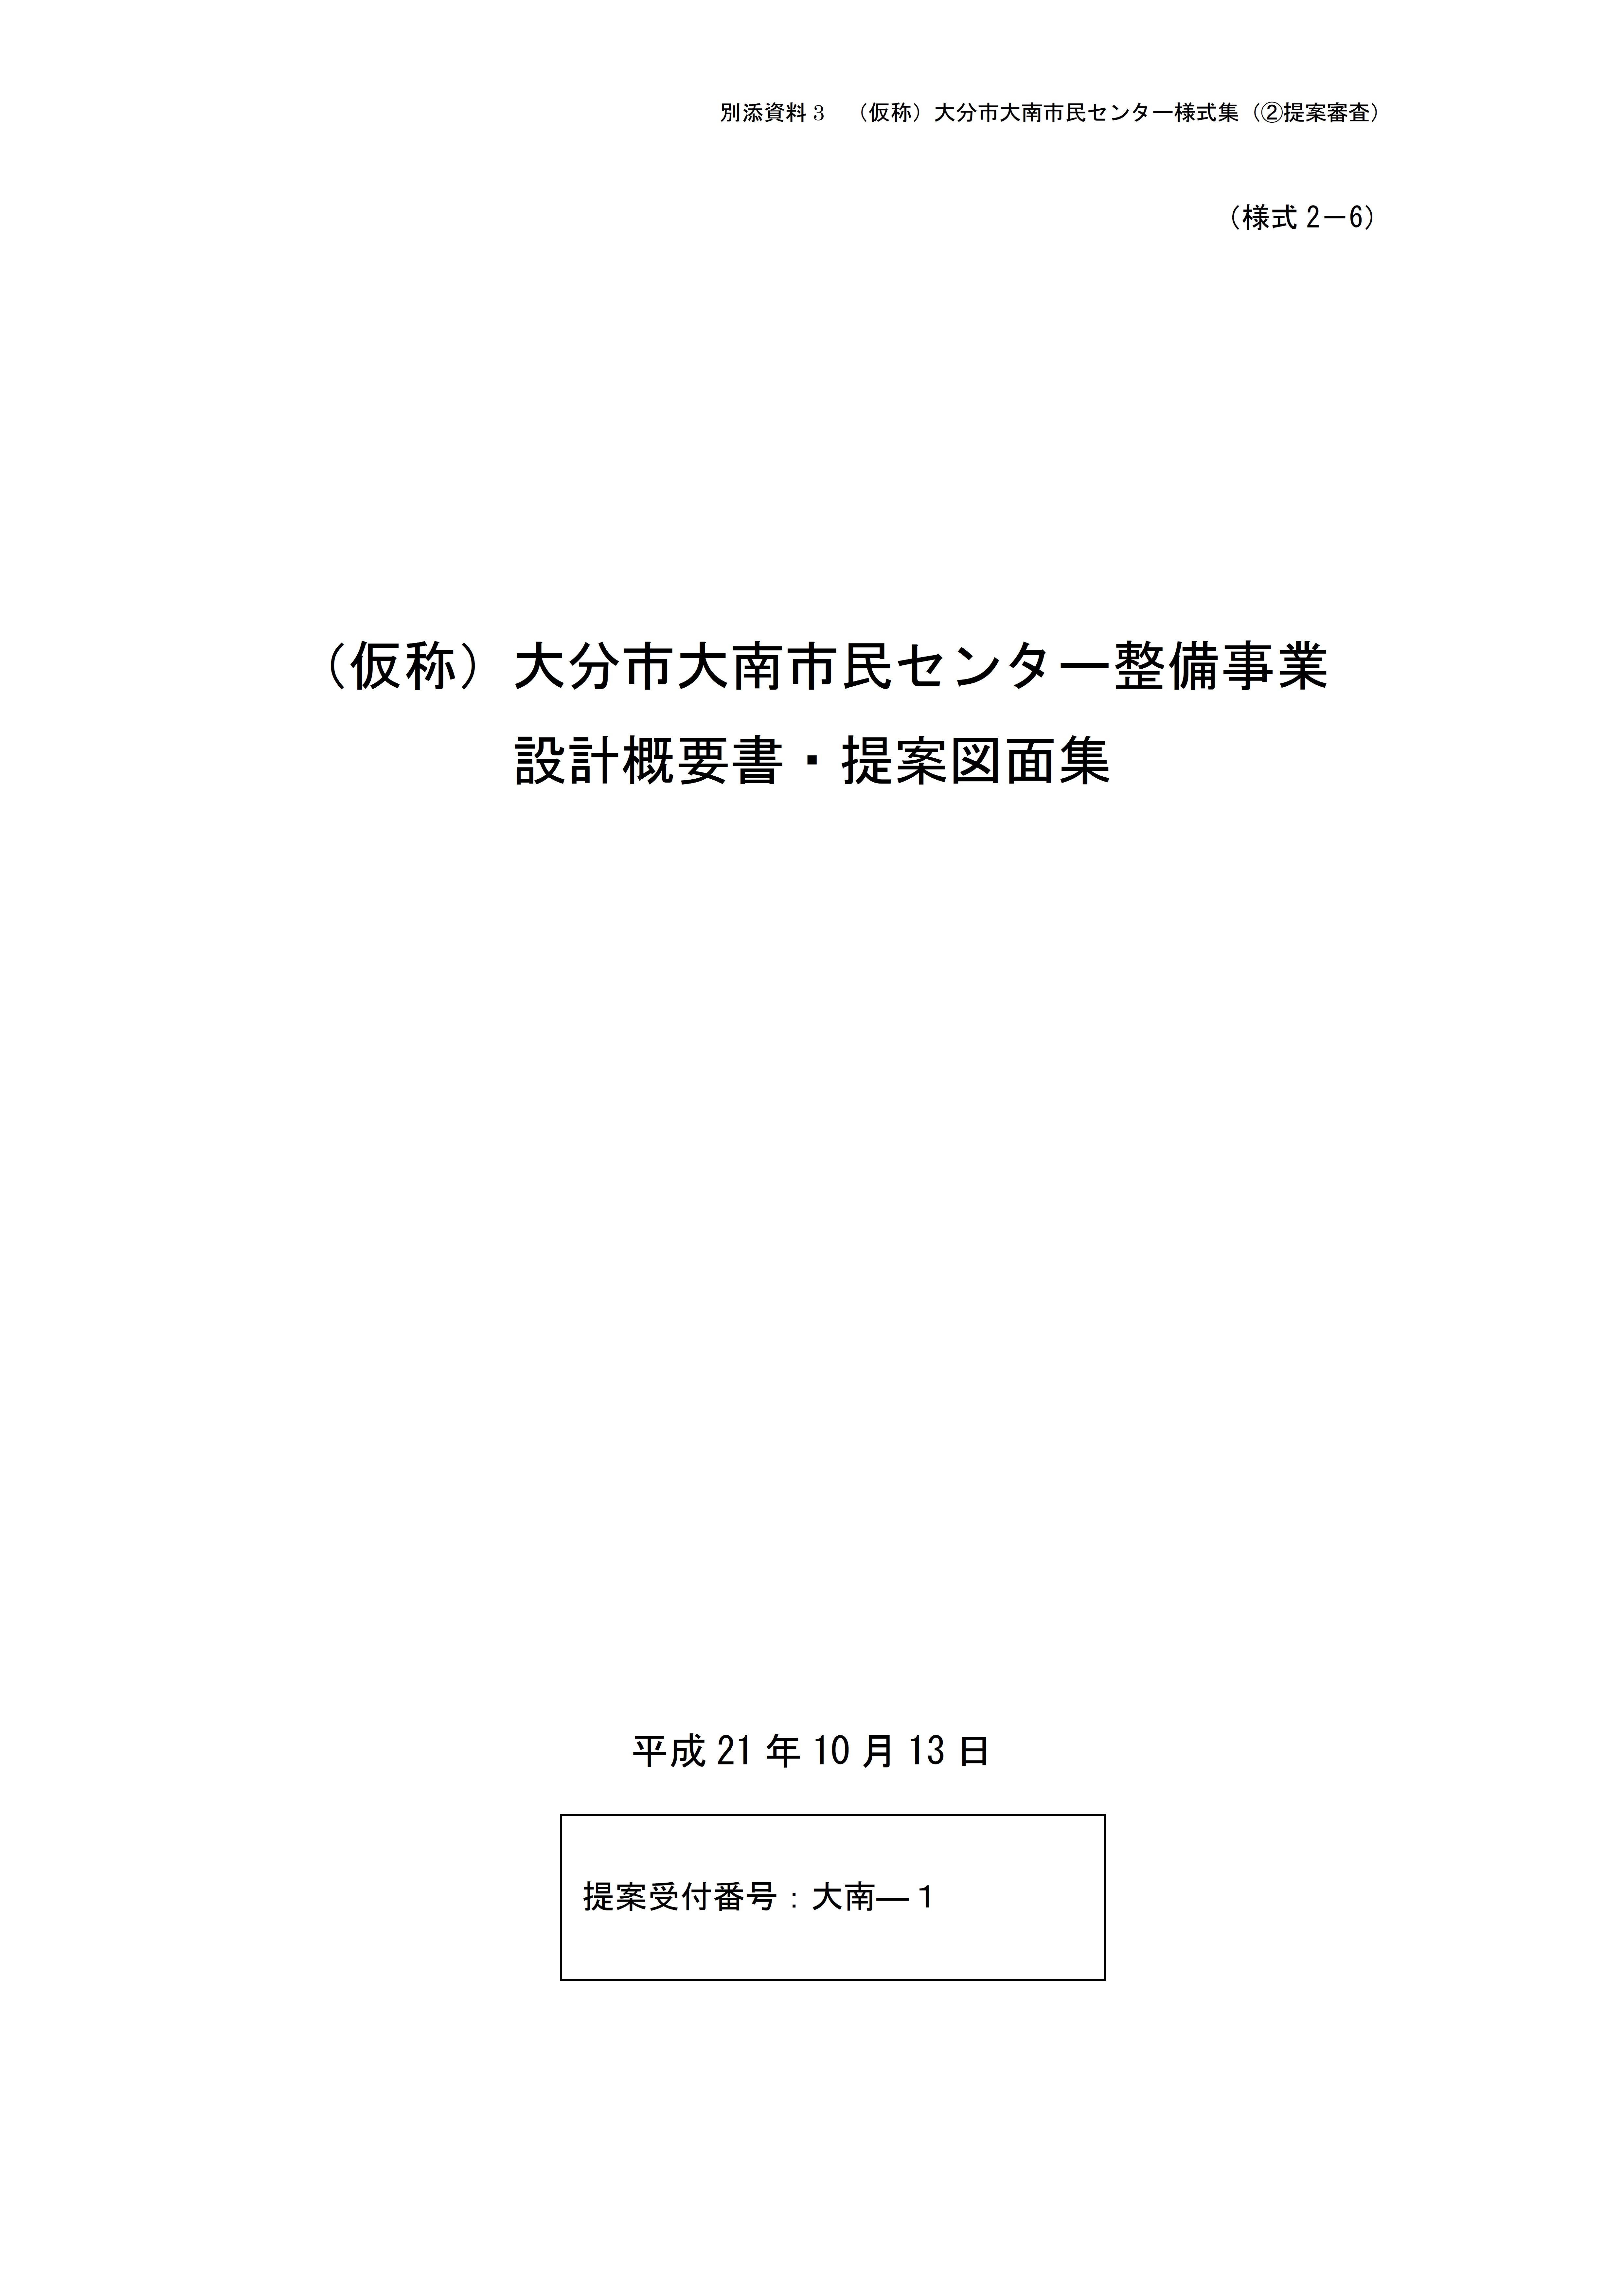 25 設計提出書類(最終)-16